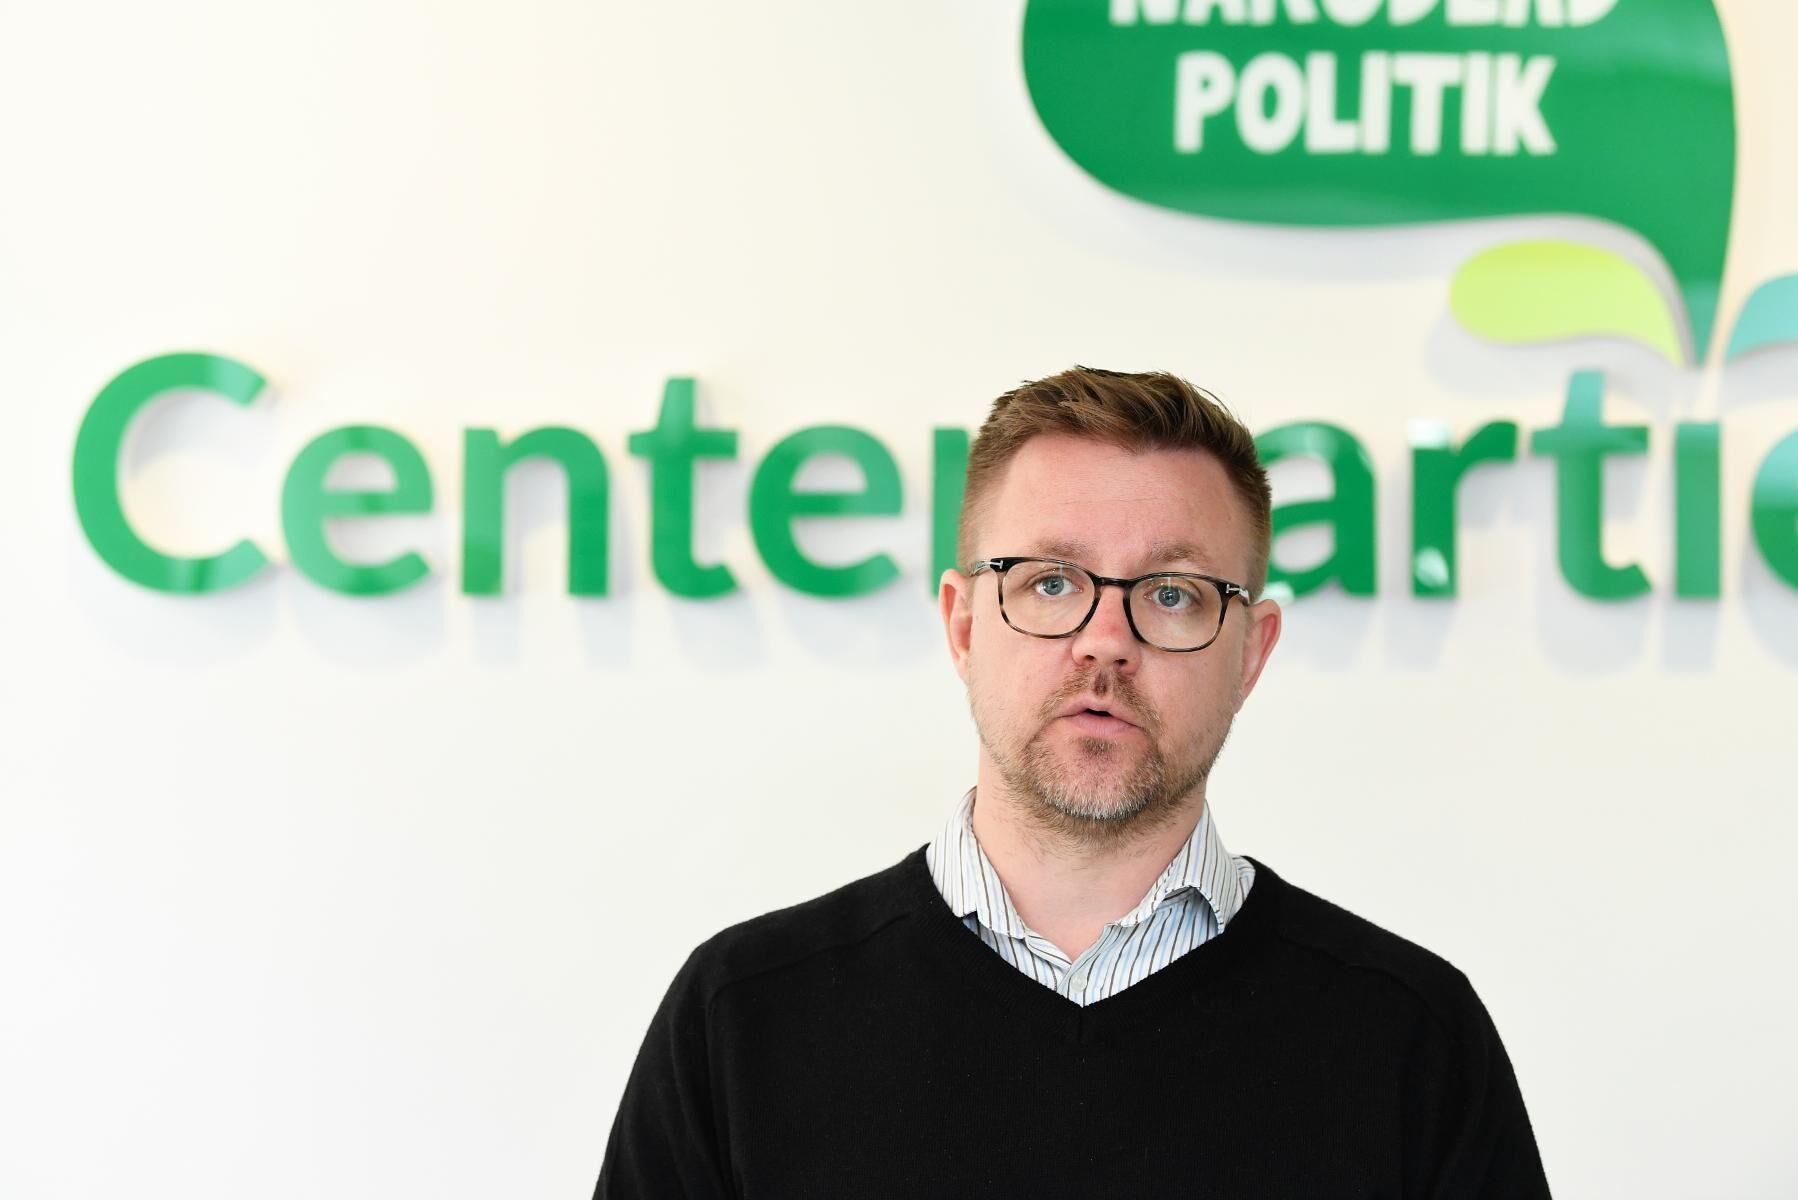 Centerpartiets Fredrick Federley lämnar politiken. Arkivbild.